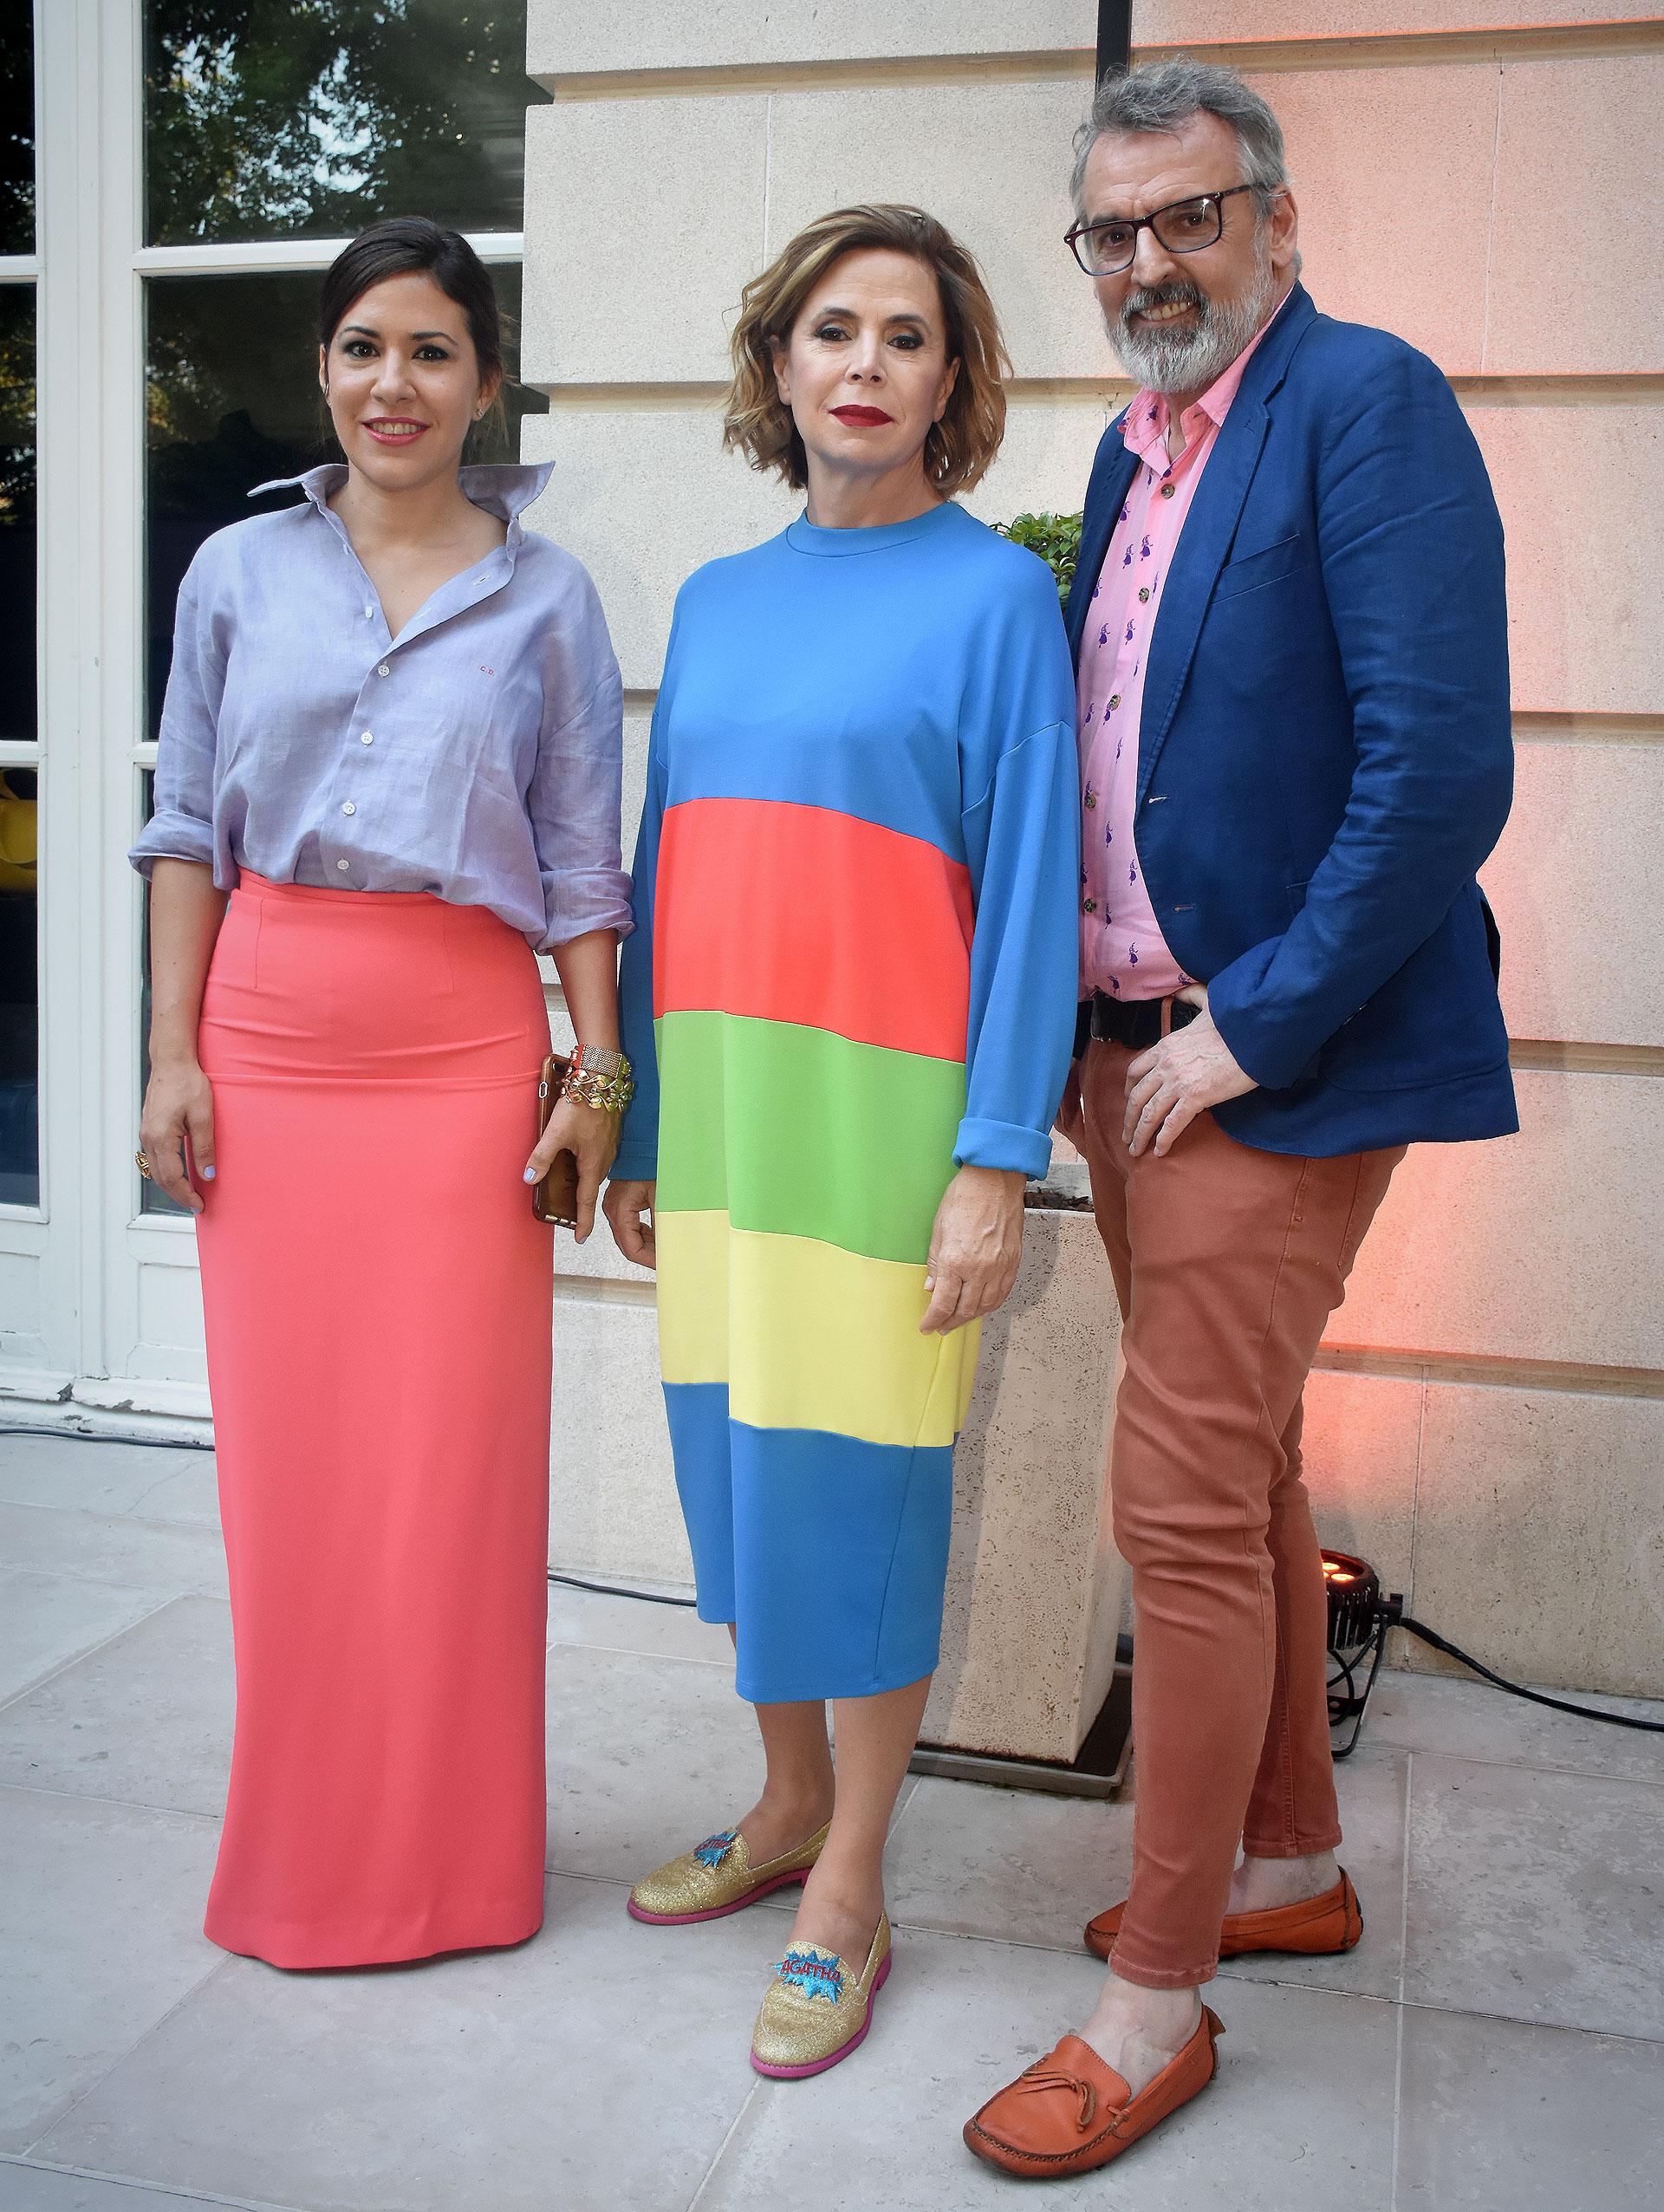 Carminne Dodero, creadora del Six O' Clock Tea, junto a la diseñadora española Ágatha Ruiz de la Prada y al diseñador argentino, Benito Fernández, quienes mostraron sus colecciones en esta nueva edición del evento, que se realizó a beneficio de Fundación España